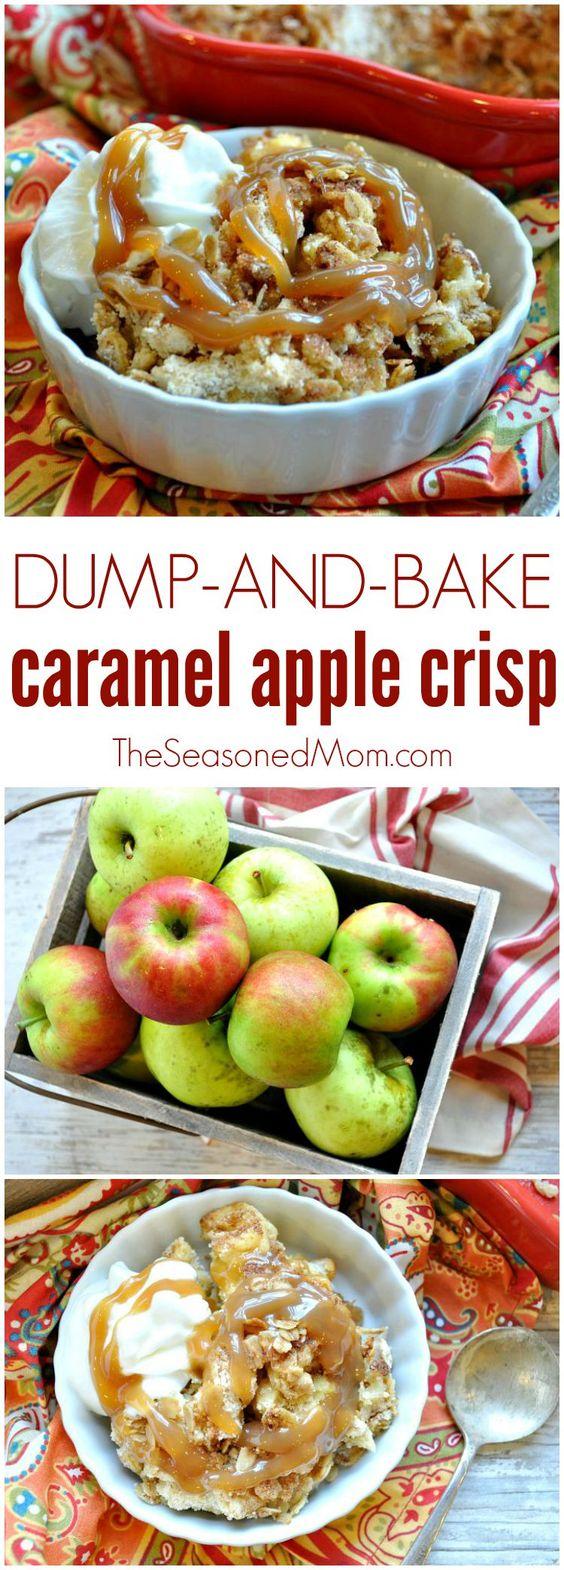 Caramel apple crisp, Apple crisp and Caramel apples on Pinterest